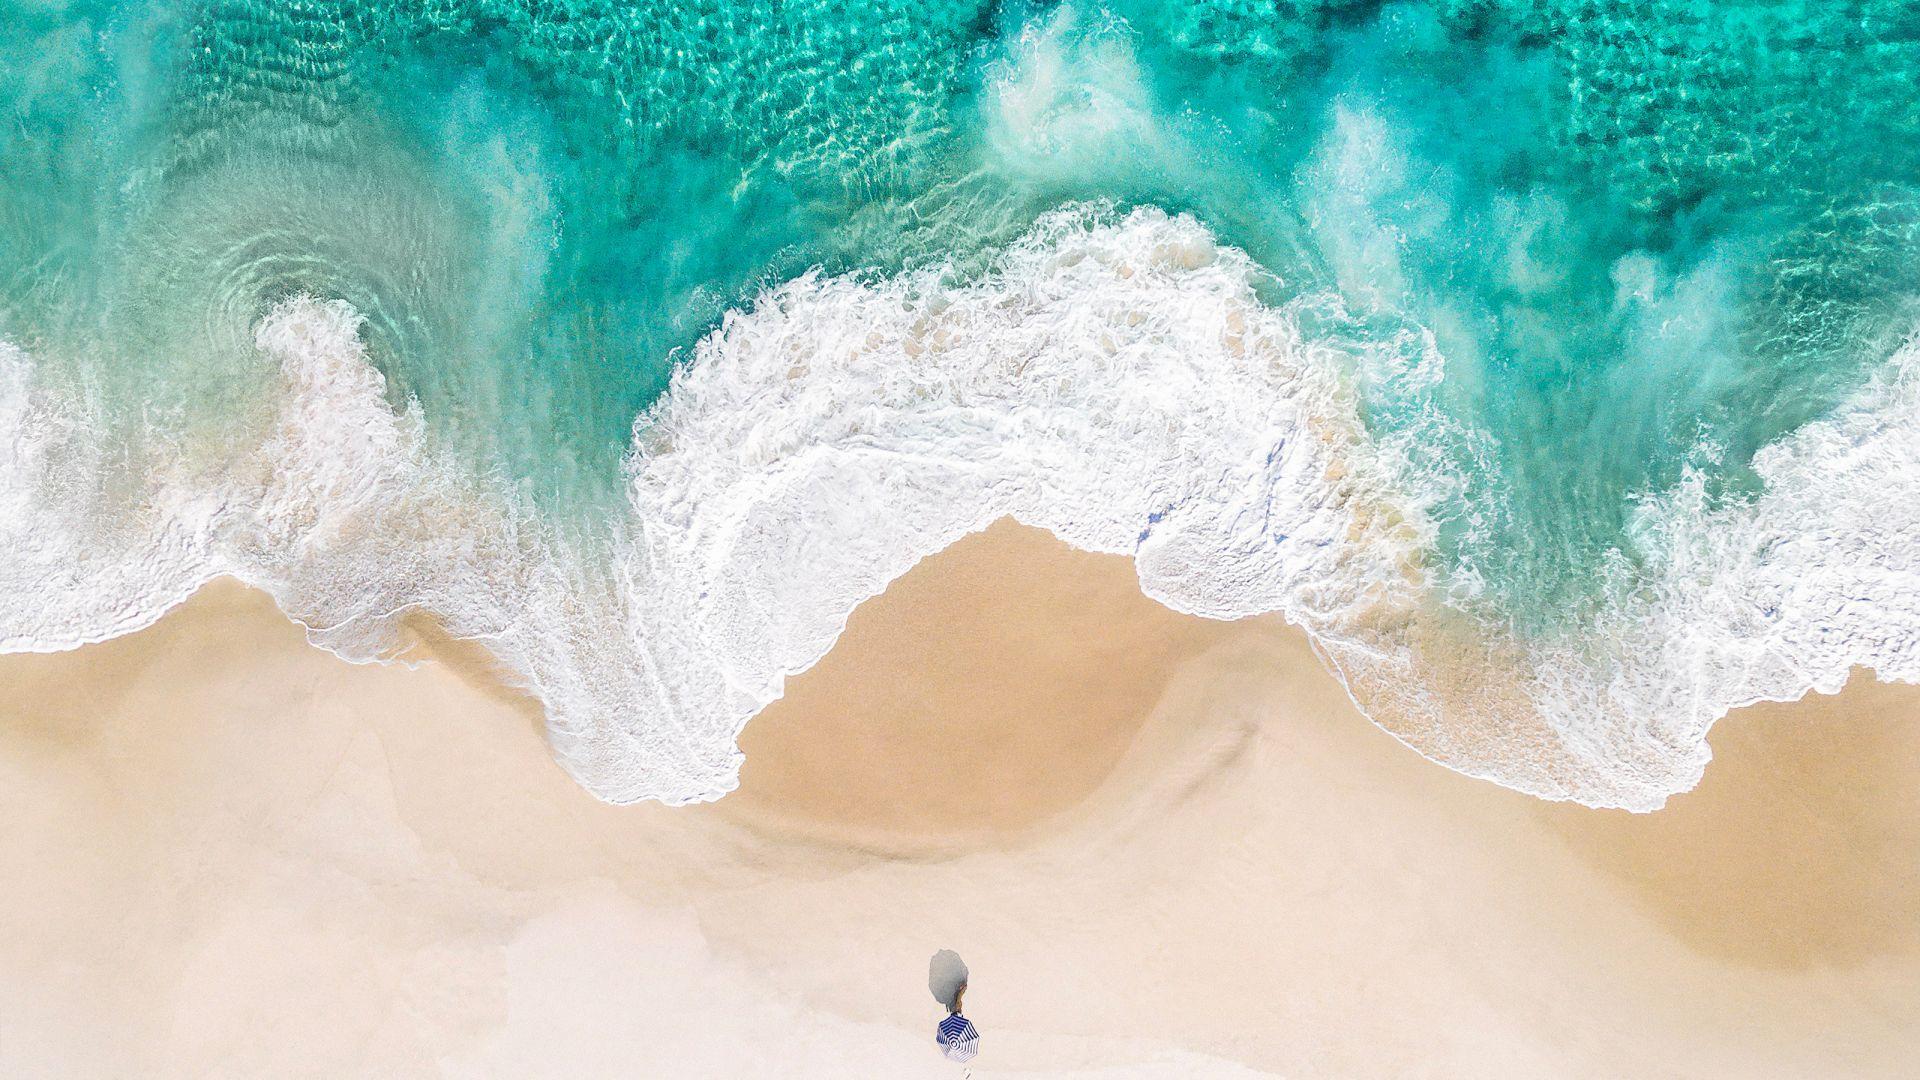 Wallpaper Beach, soft sea waves, aerial view